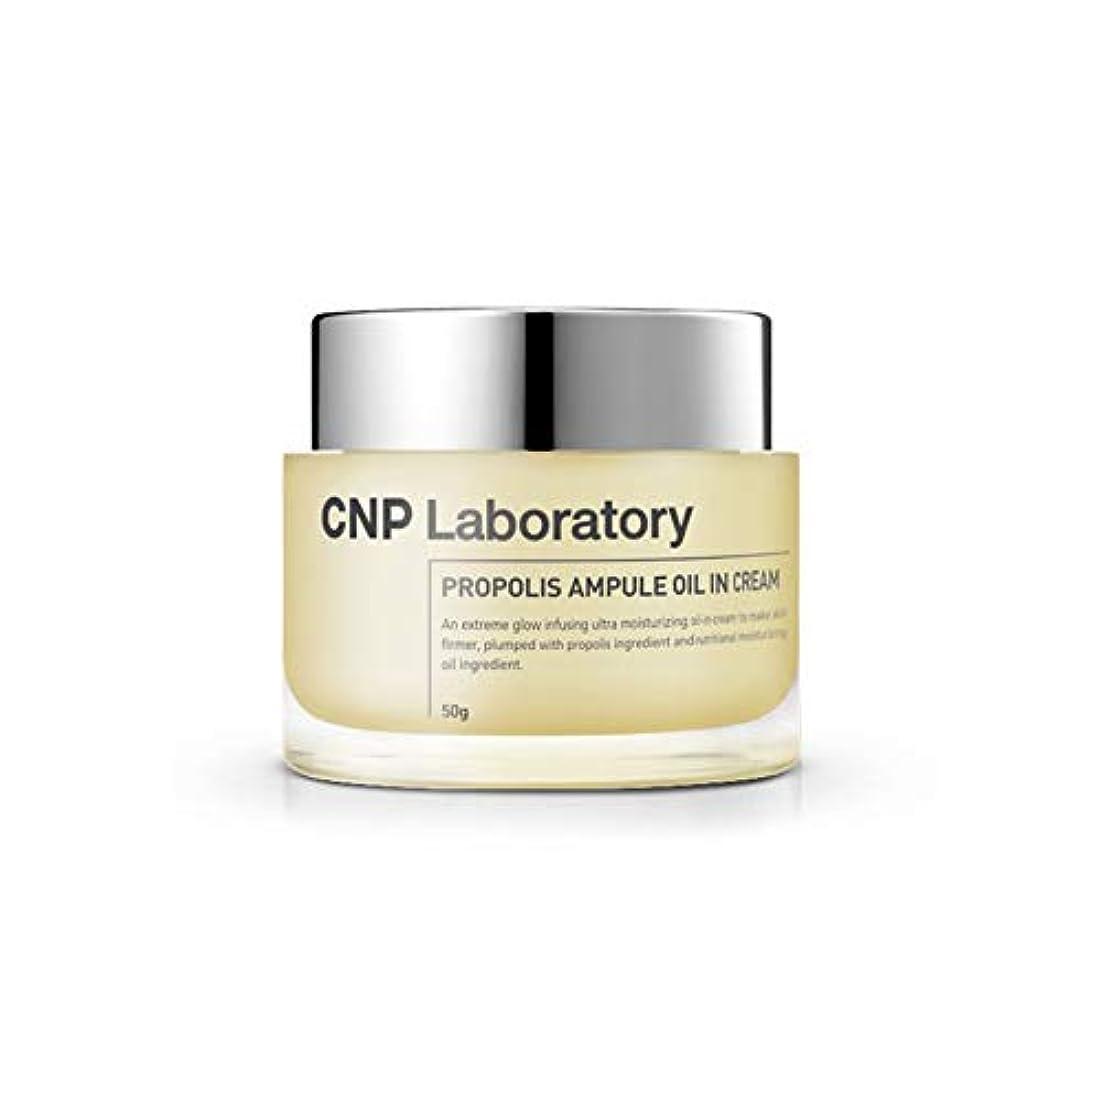 薬を飲むバース溢れんばかりの[CNP Laboratory] CNP チャ&パク プロポリスアンプルオイルインクリーム 50g [海外直送品][並行輸入品]